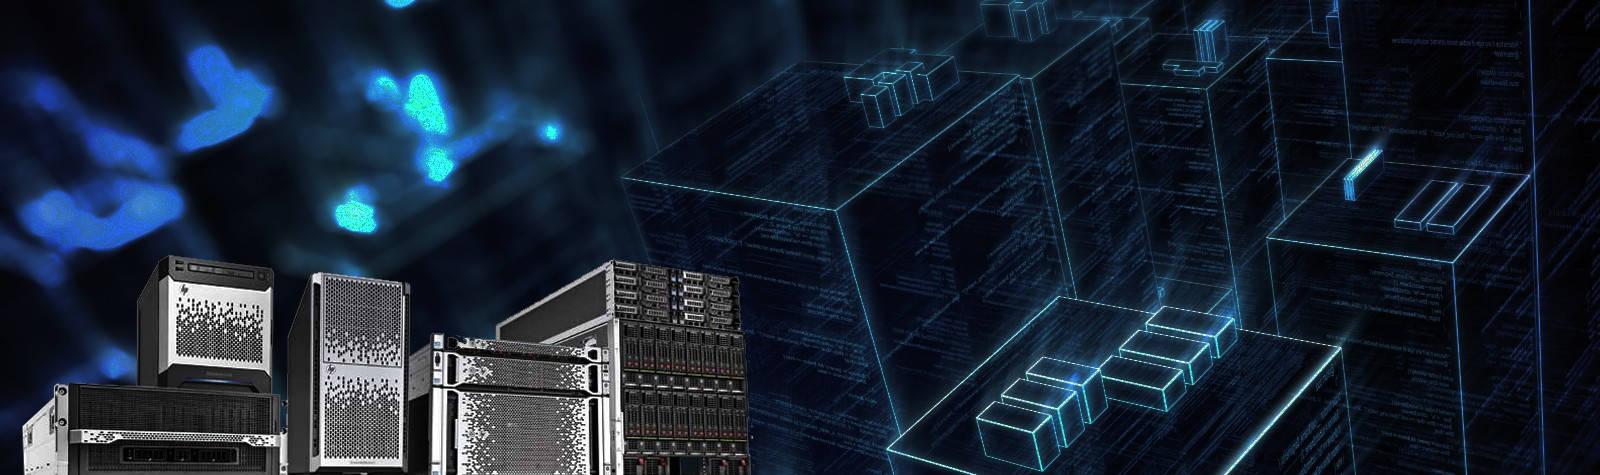 Bilen Bilgisayar Server Sistemleri